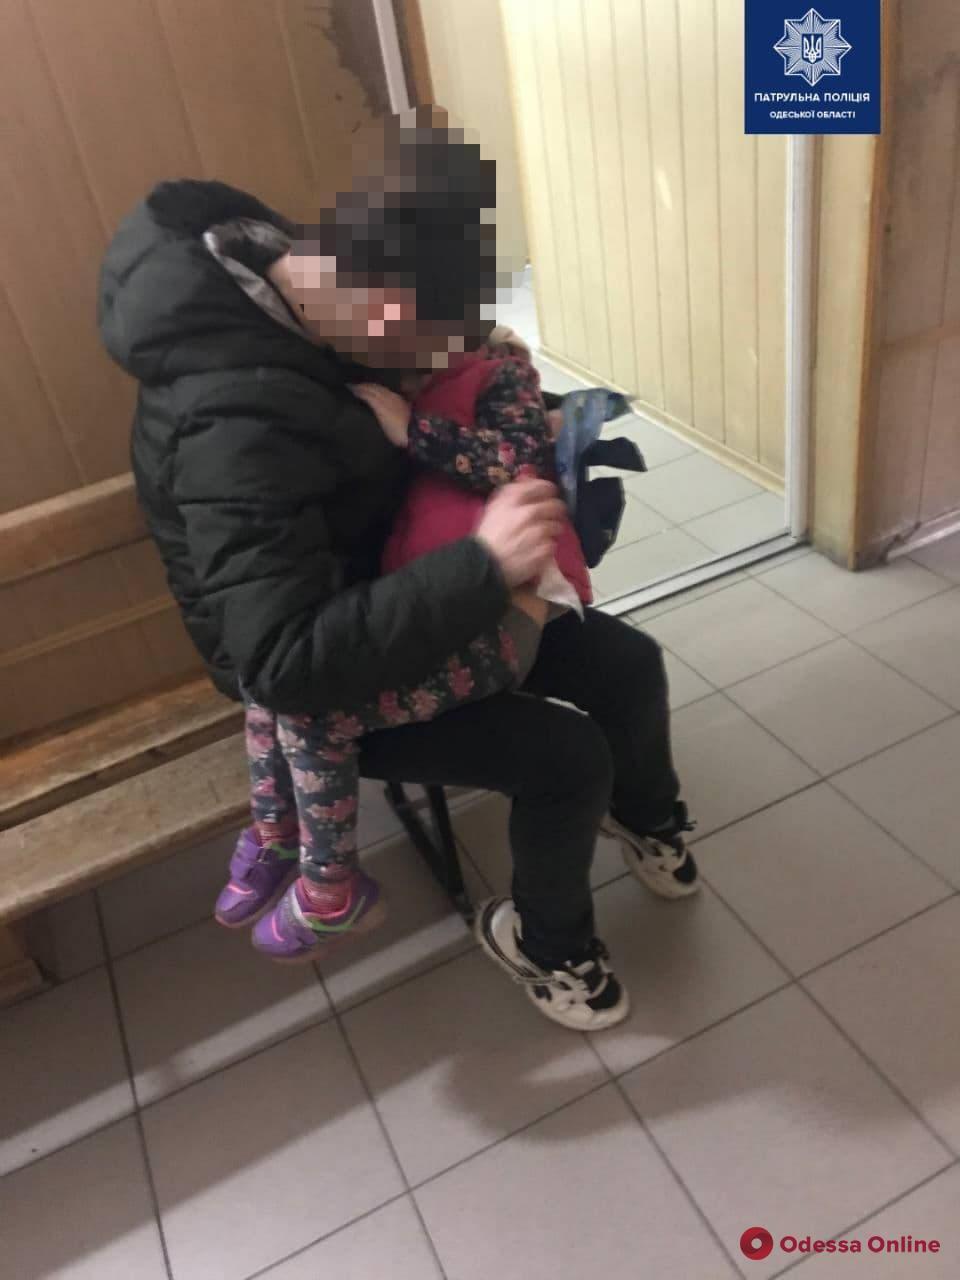 Одесские патрульные оперативно доставили в больницу травмированную 4-летнюю девочку